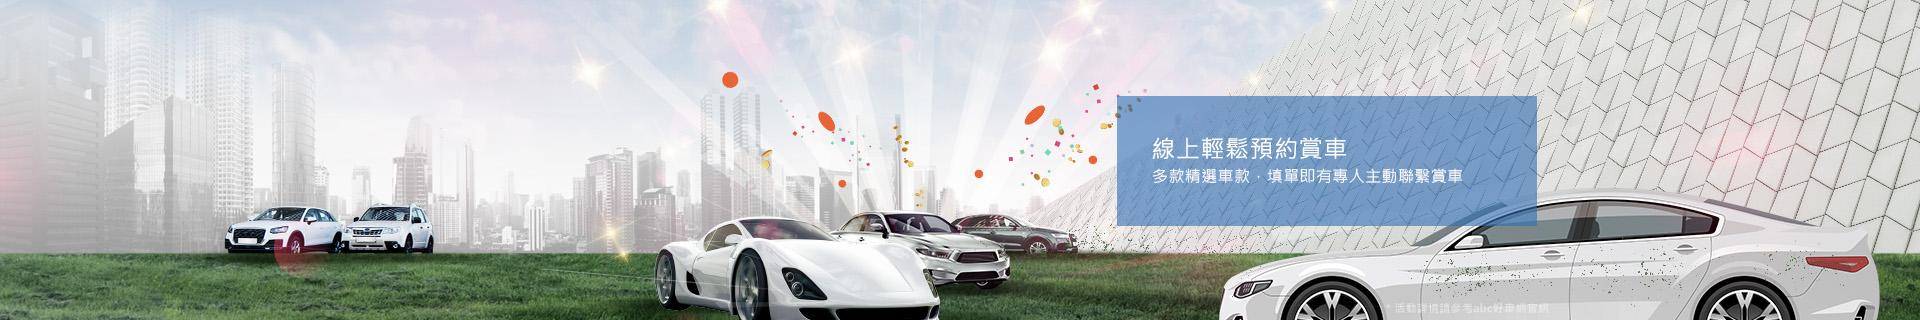 線上輕鬆預約賞車 多款精選車款,填單即有專人主動聯繫賞車